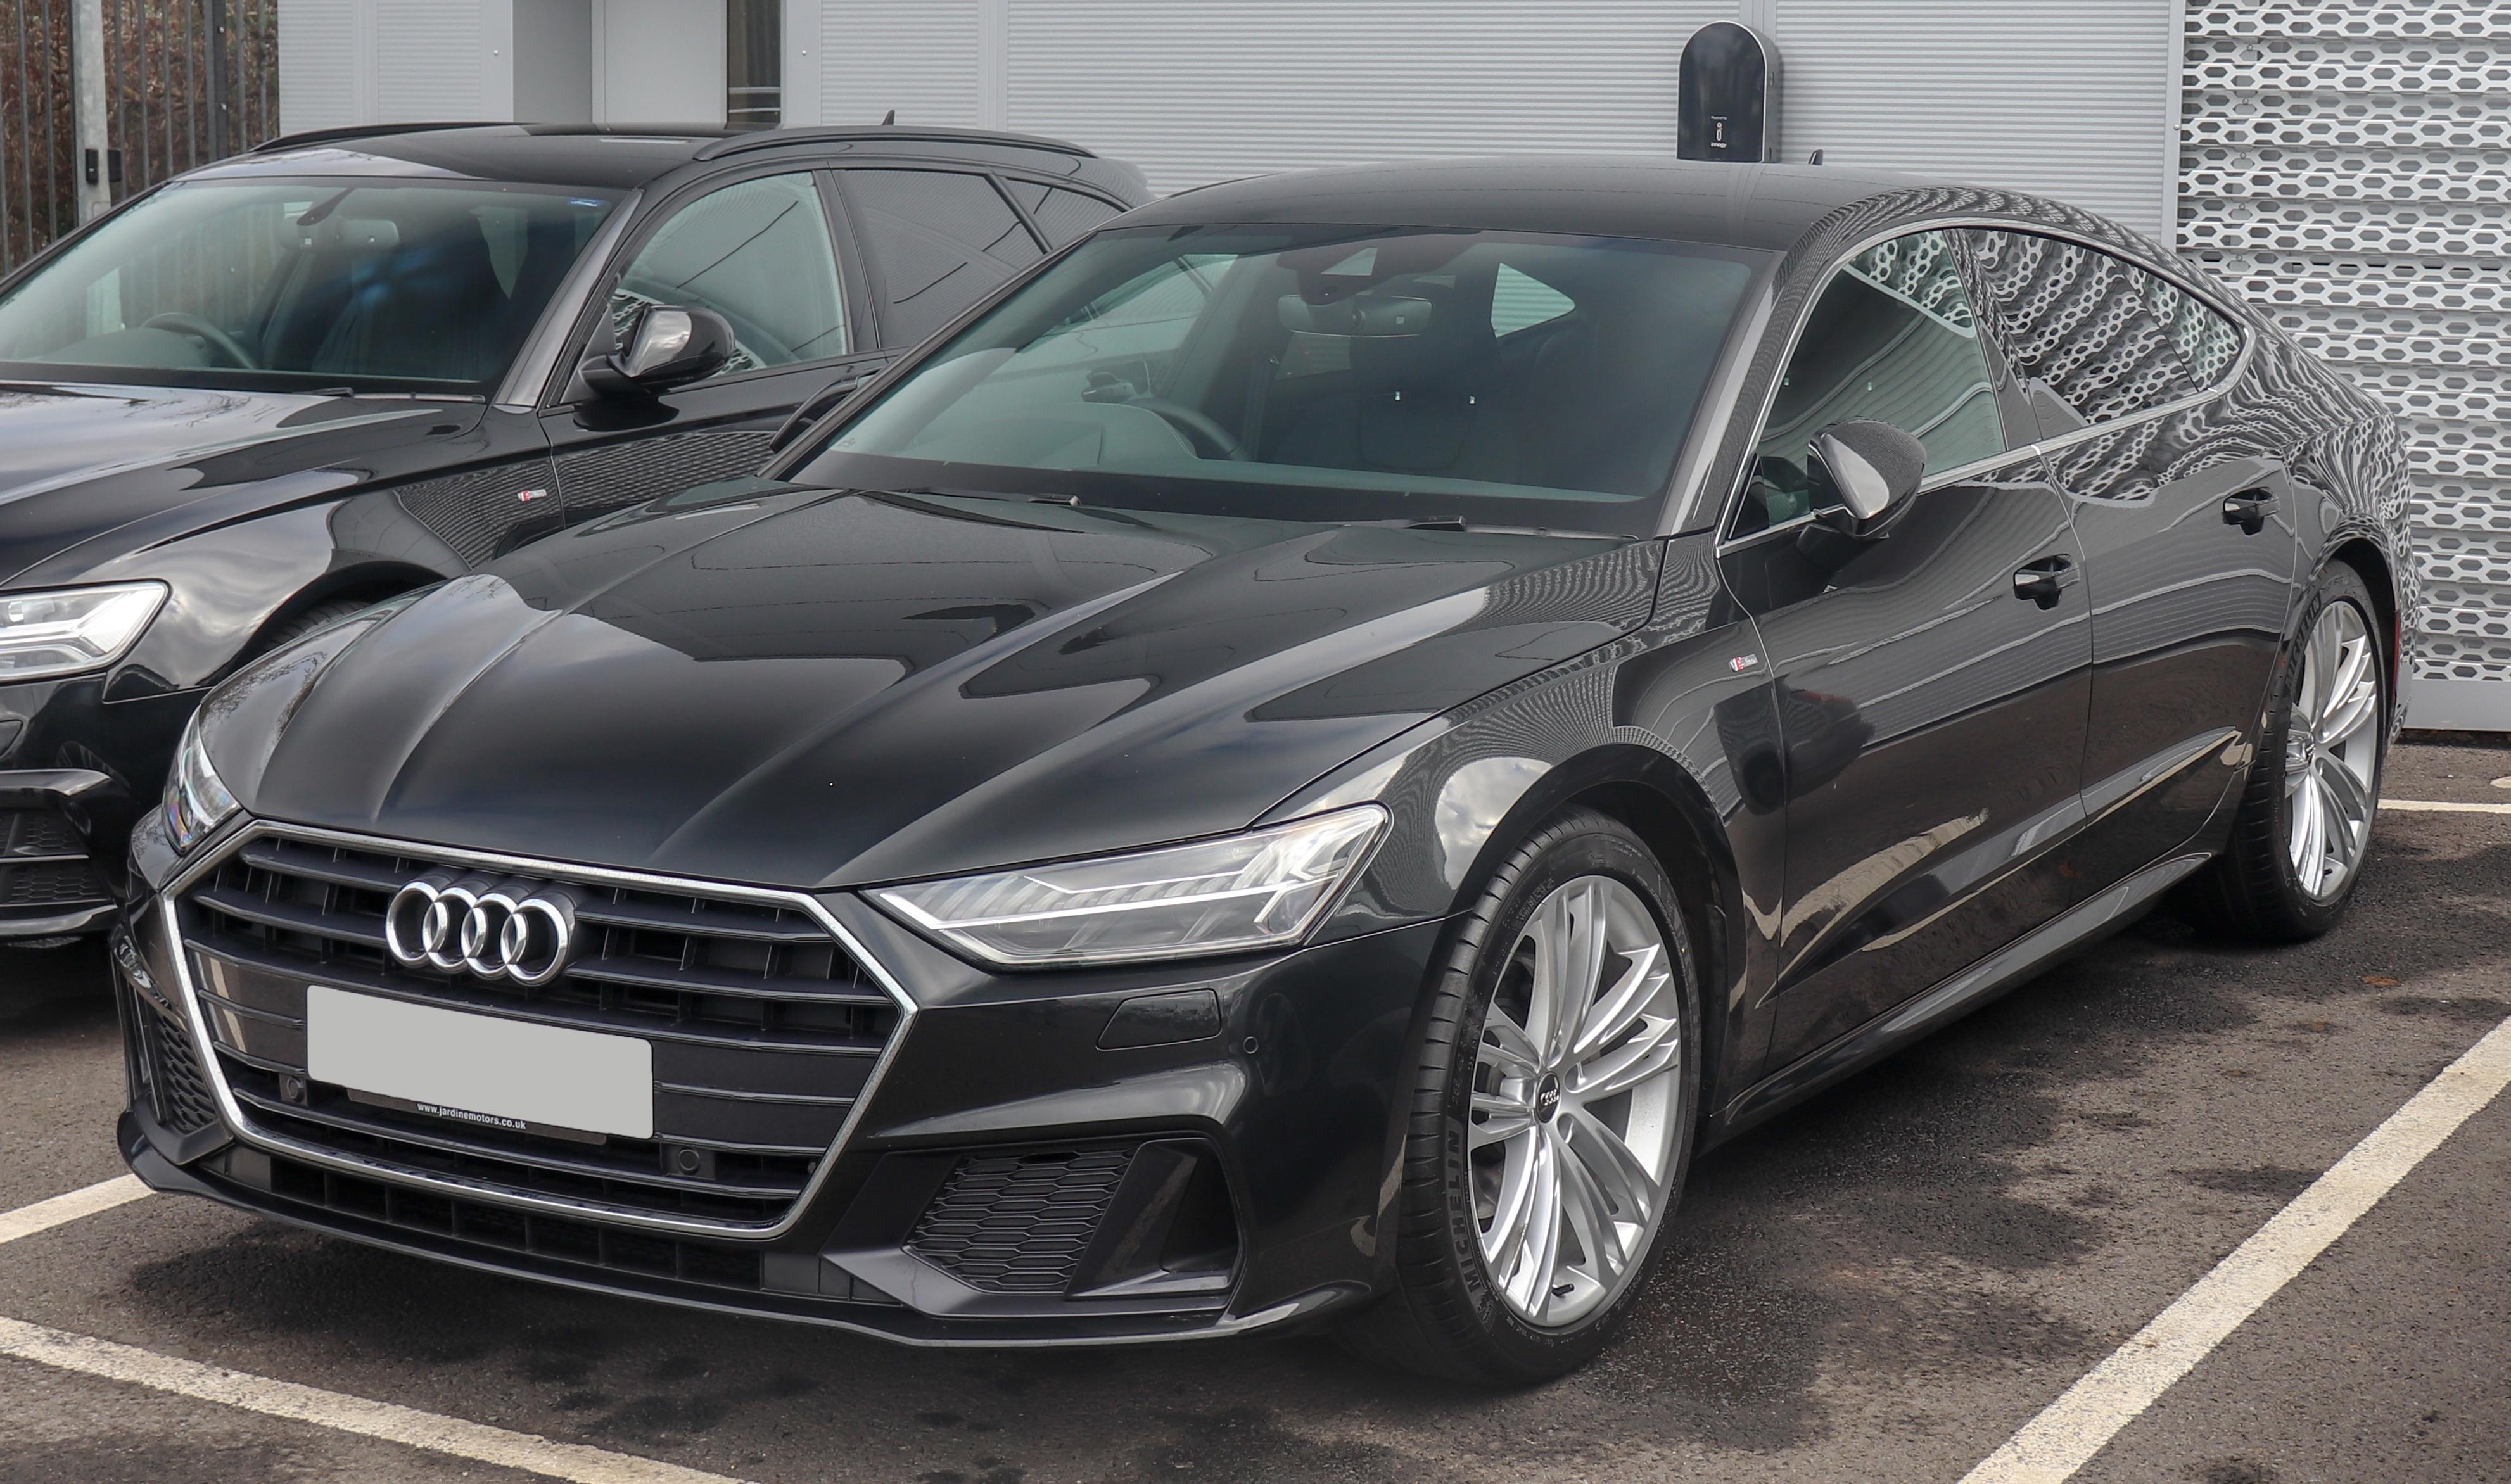 Kelebihan Audi A7 Rs Spesifikasi